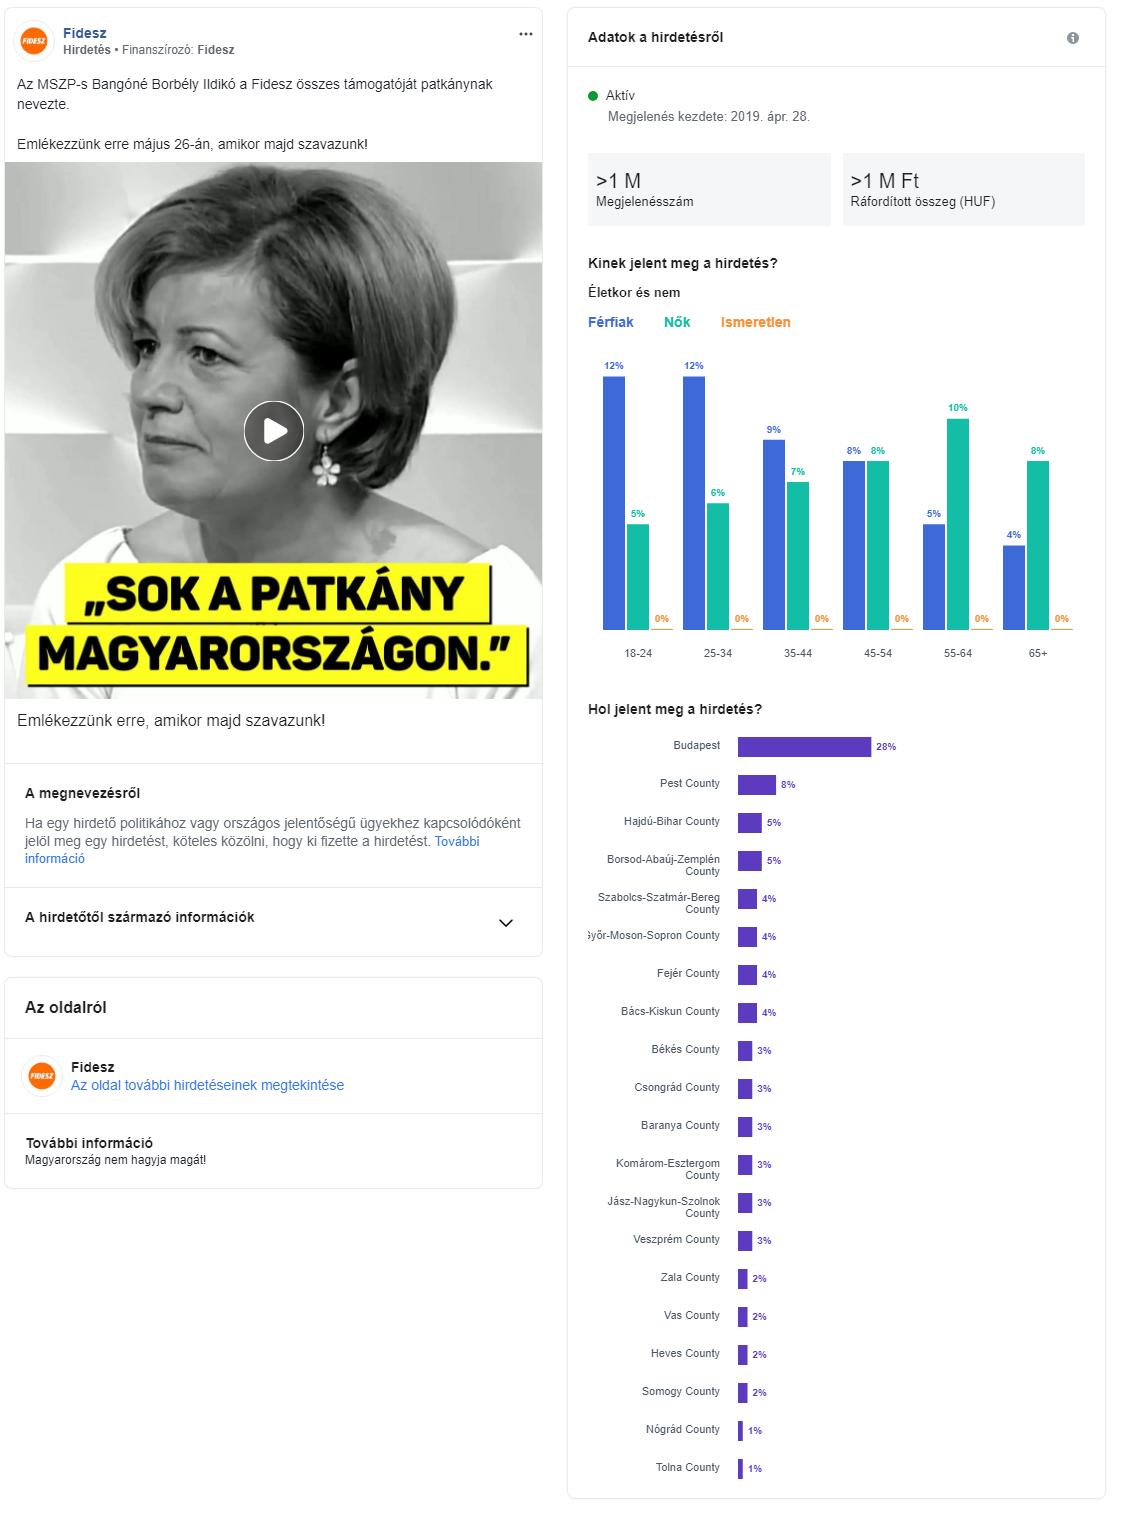 A Fidesz csak a Facebookon több mint egymilliót költ Bangóné patkányozásának reklámjára